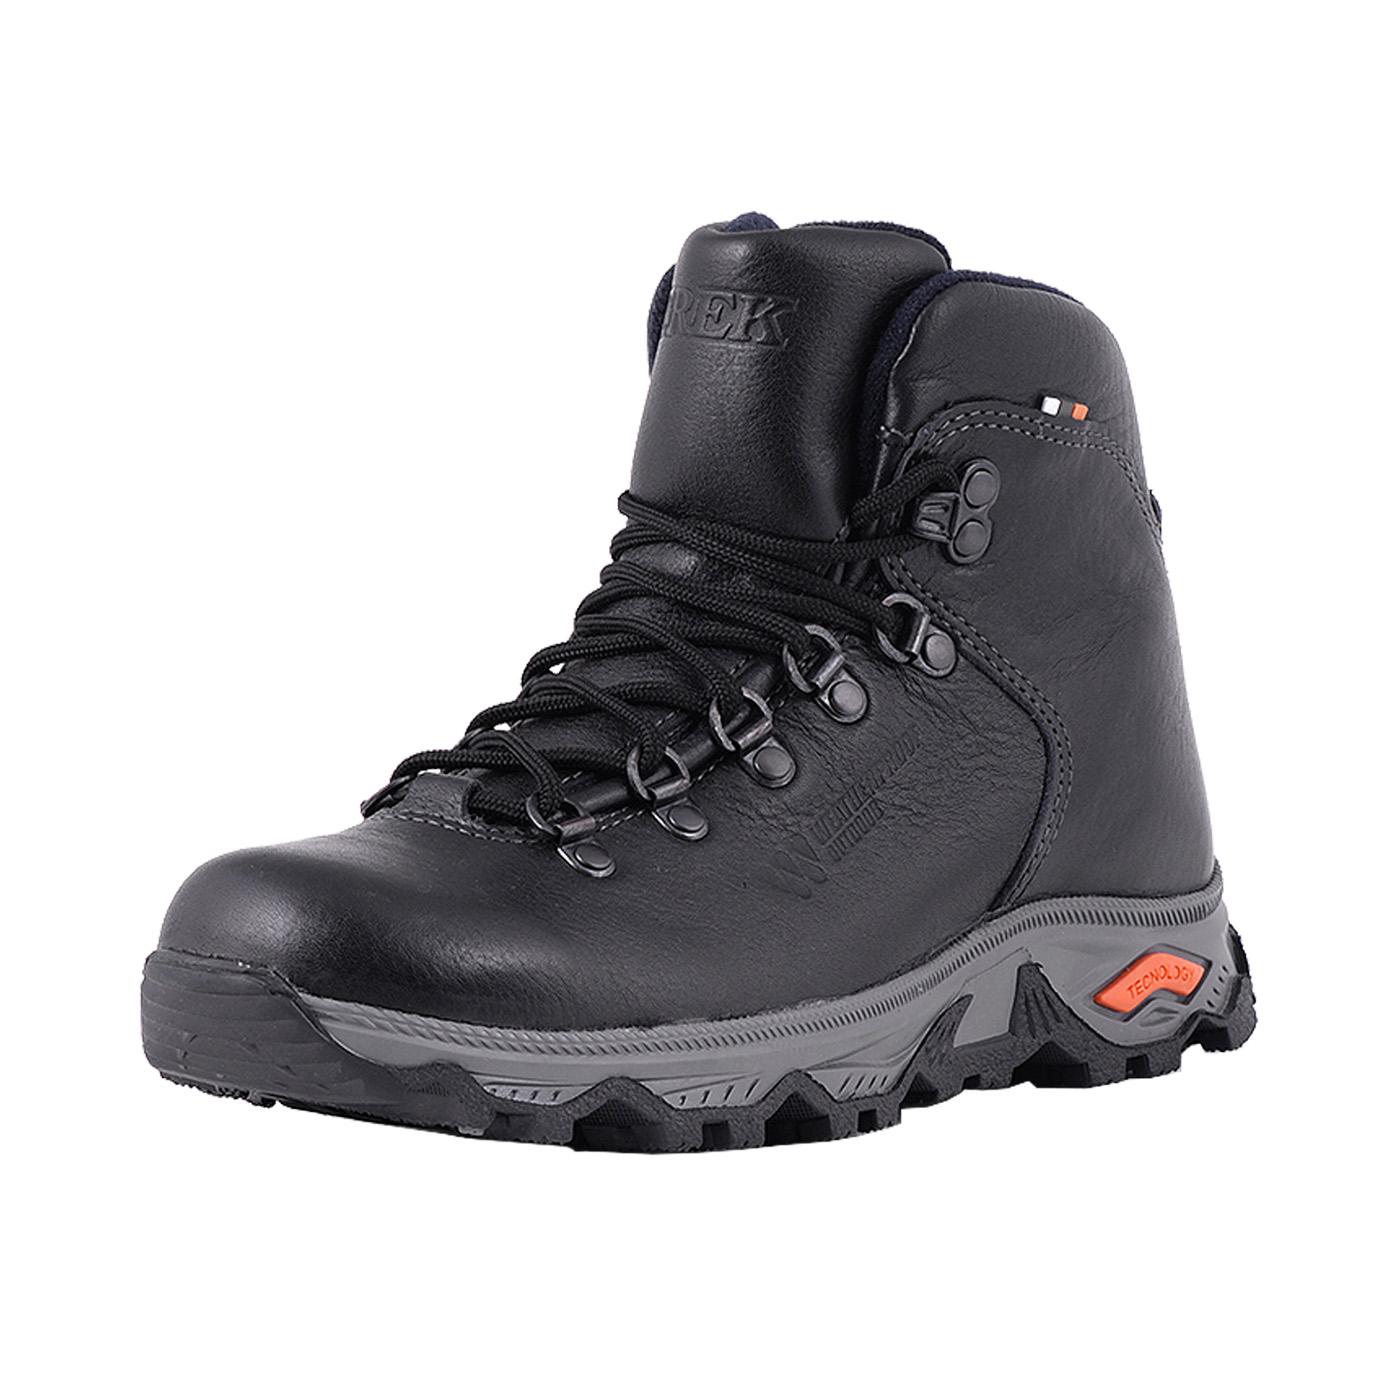 Купить Ботинки мужские TREK Hiking18 (капровелюр), Обувная фабрика Trek